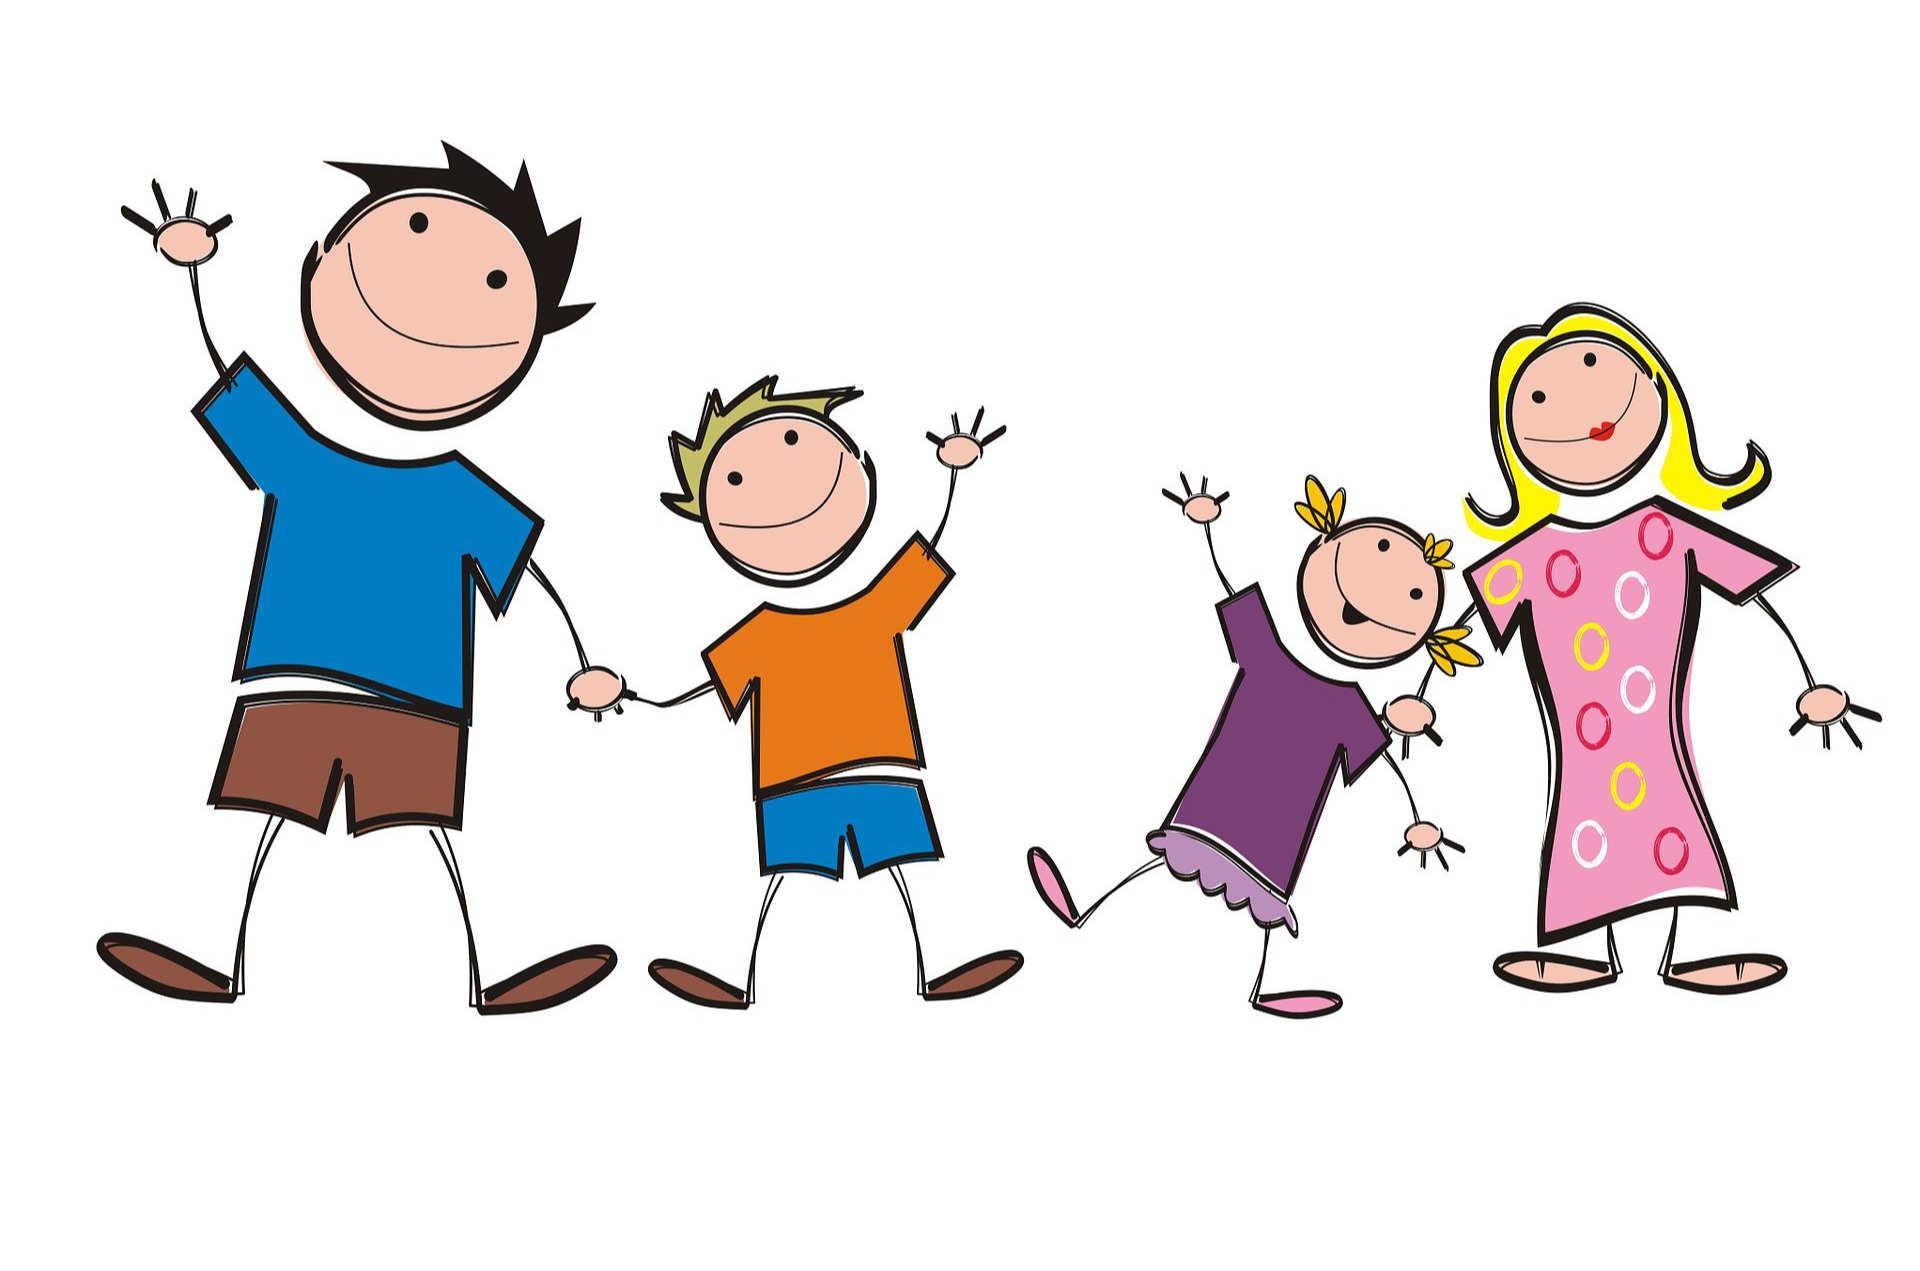 Rituale für Kinder: 7 Ideen für einen entspannteren Tag